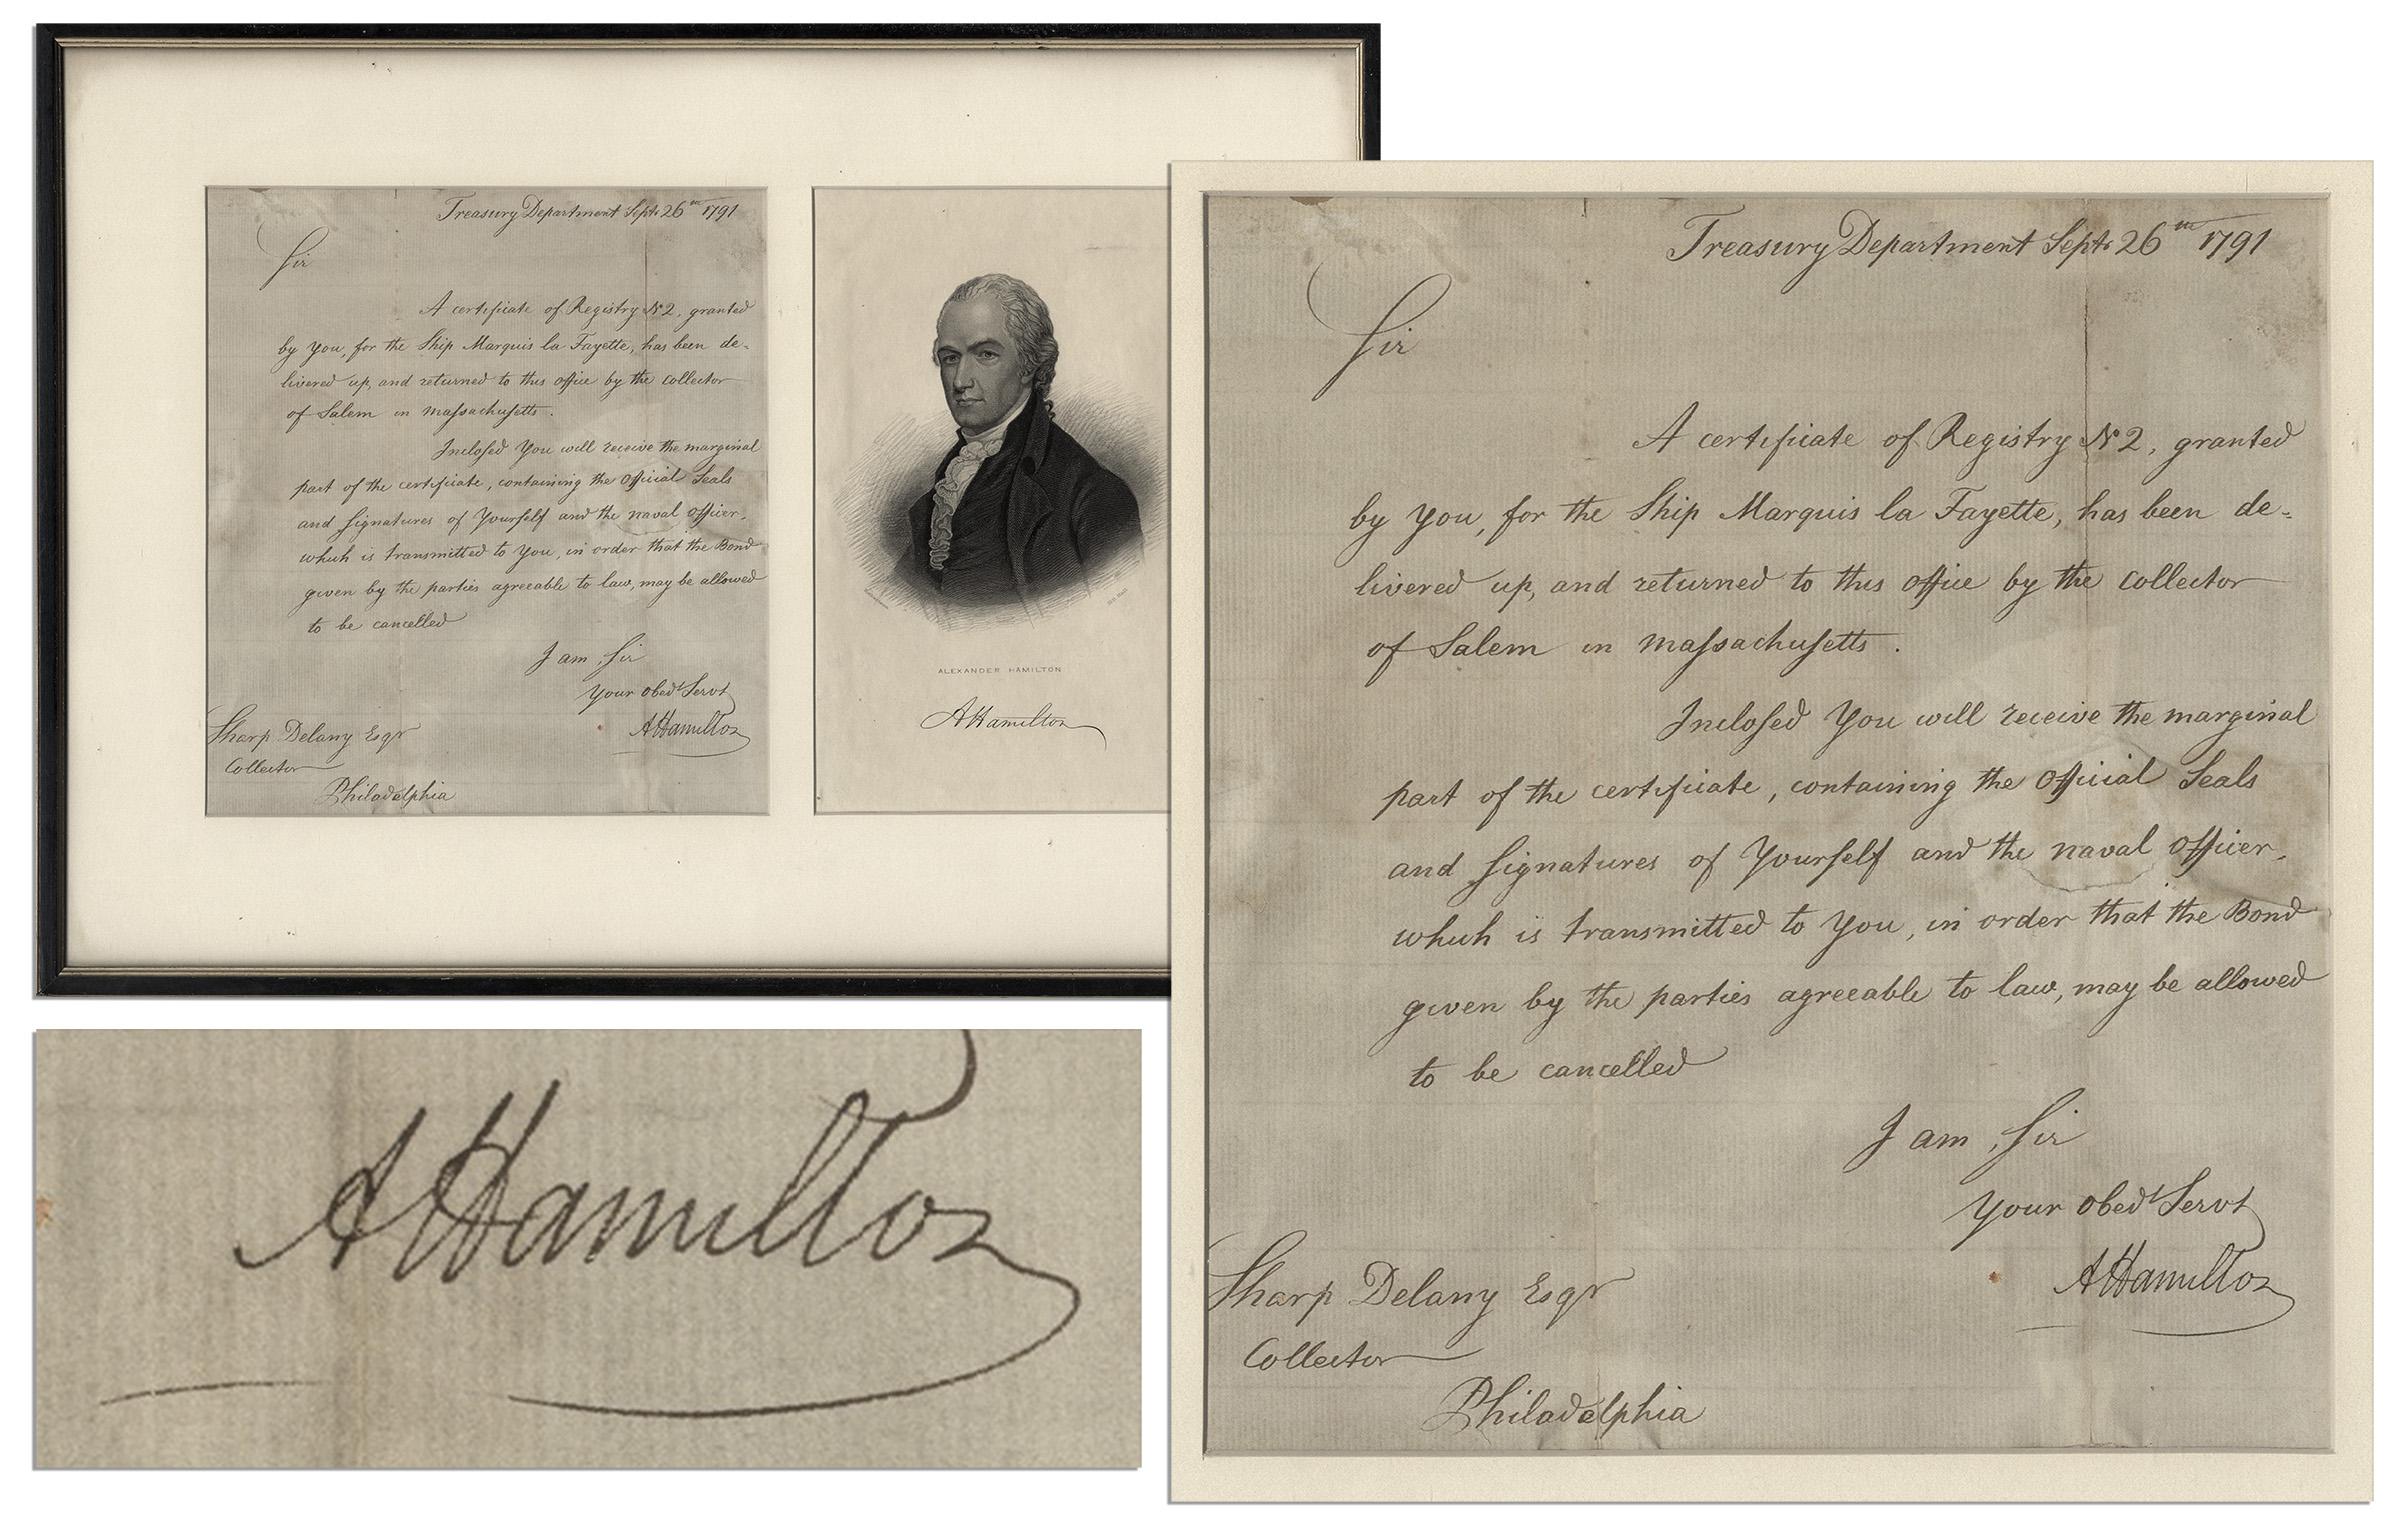 Alexander Hamilton autograph Nicely Framed Alexander Hamilton 1791 Autograph Letter Signed as Secretary of the Treasury